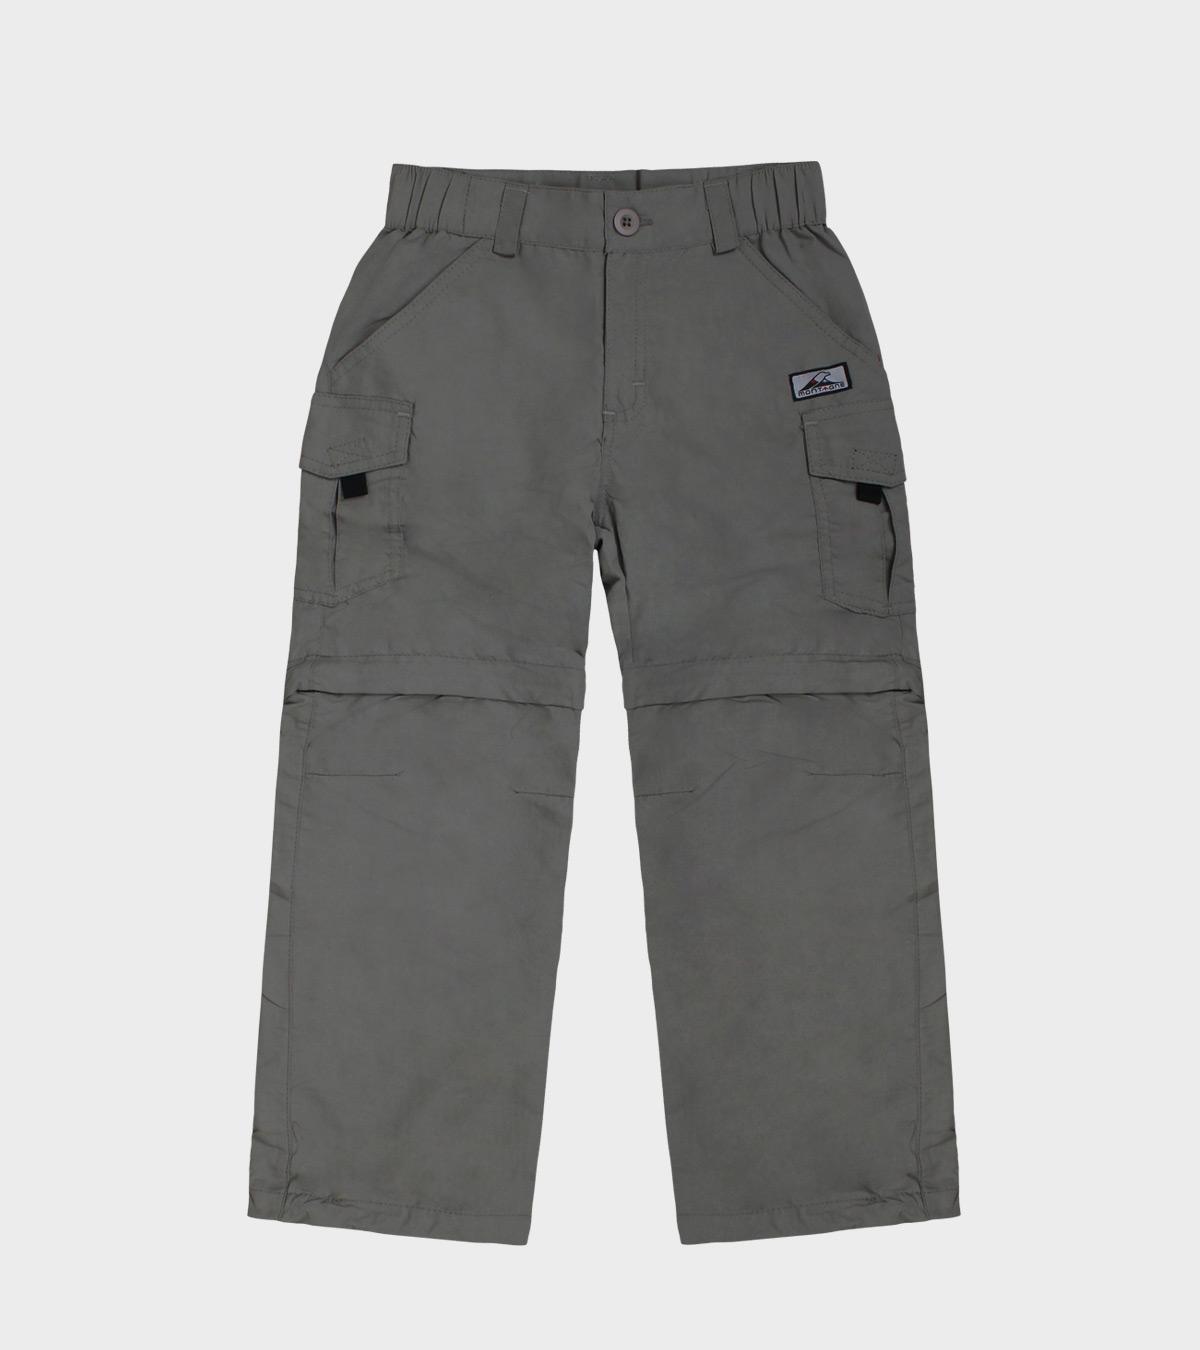 Pantalón de niños Tanny